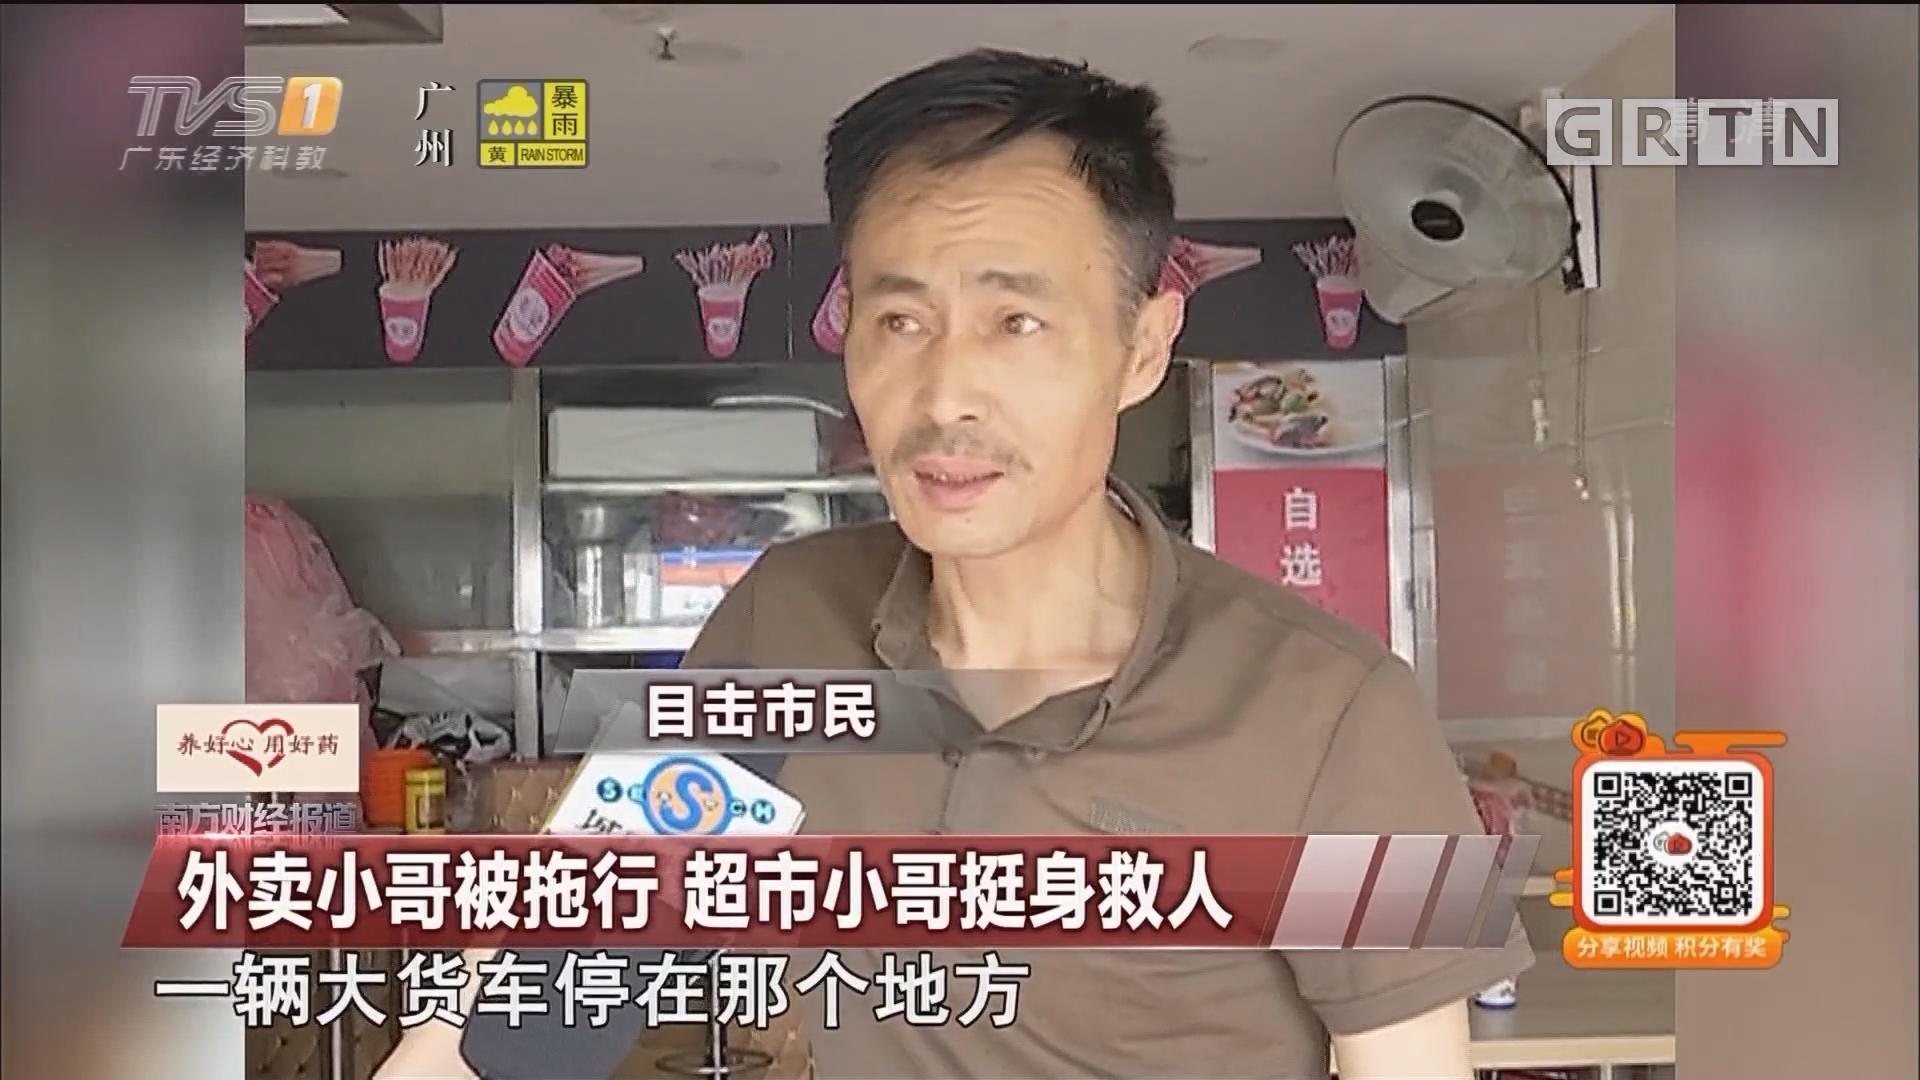 外卖小哥被拖行 超市小哥挺身救人